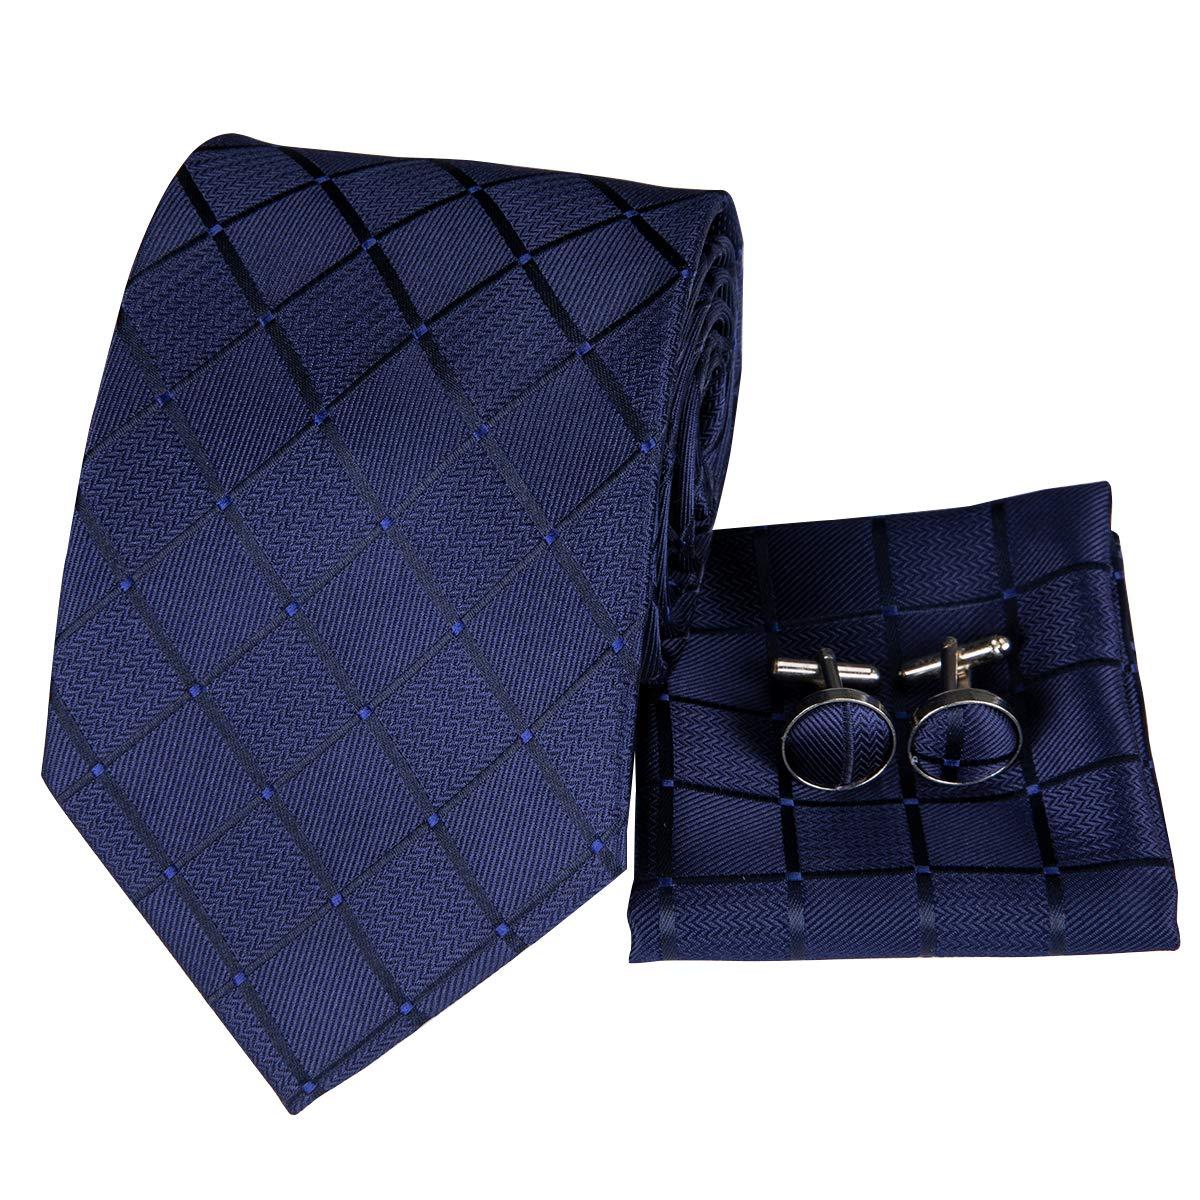 Hi-Tie Silk Neckties Plaid Check Jacquard Tie Pocket Square Cufflinks Set Gift Box N-B1656